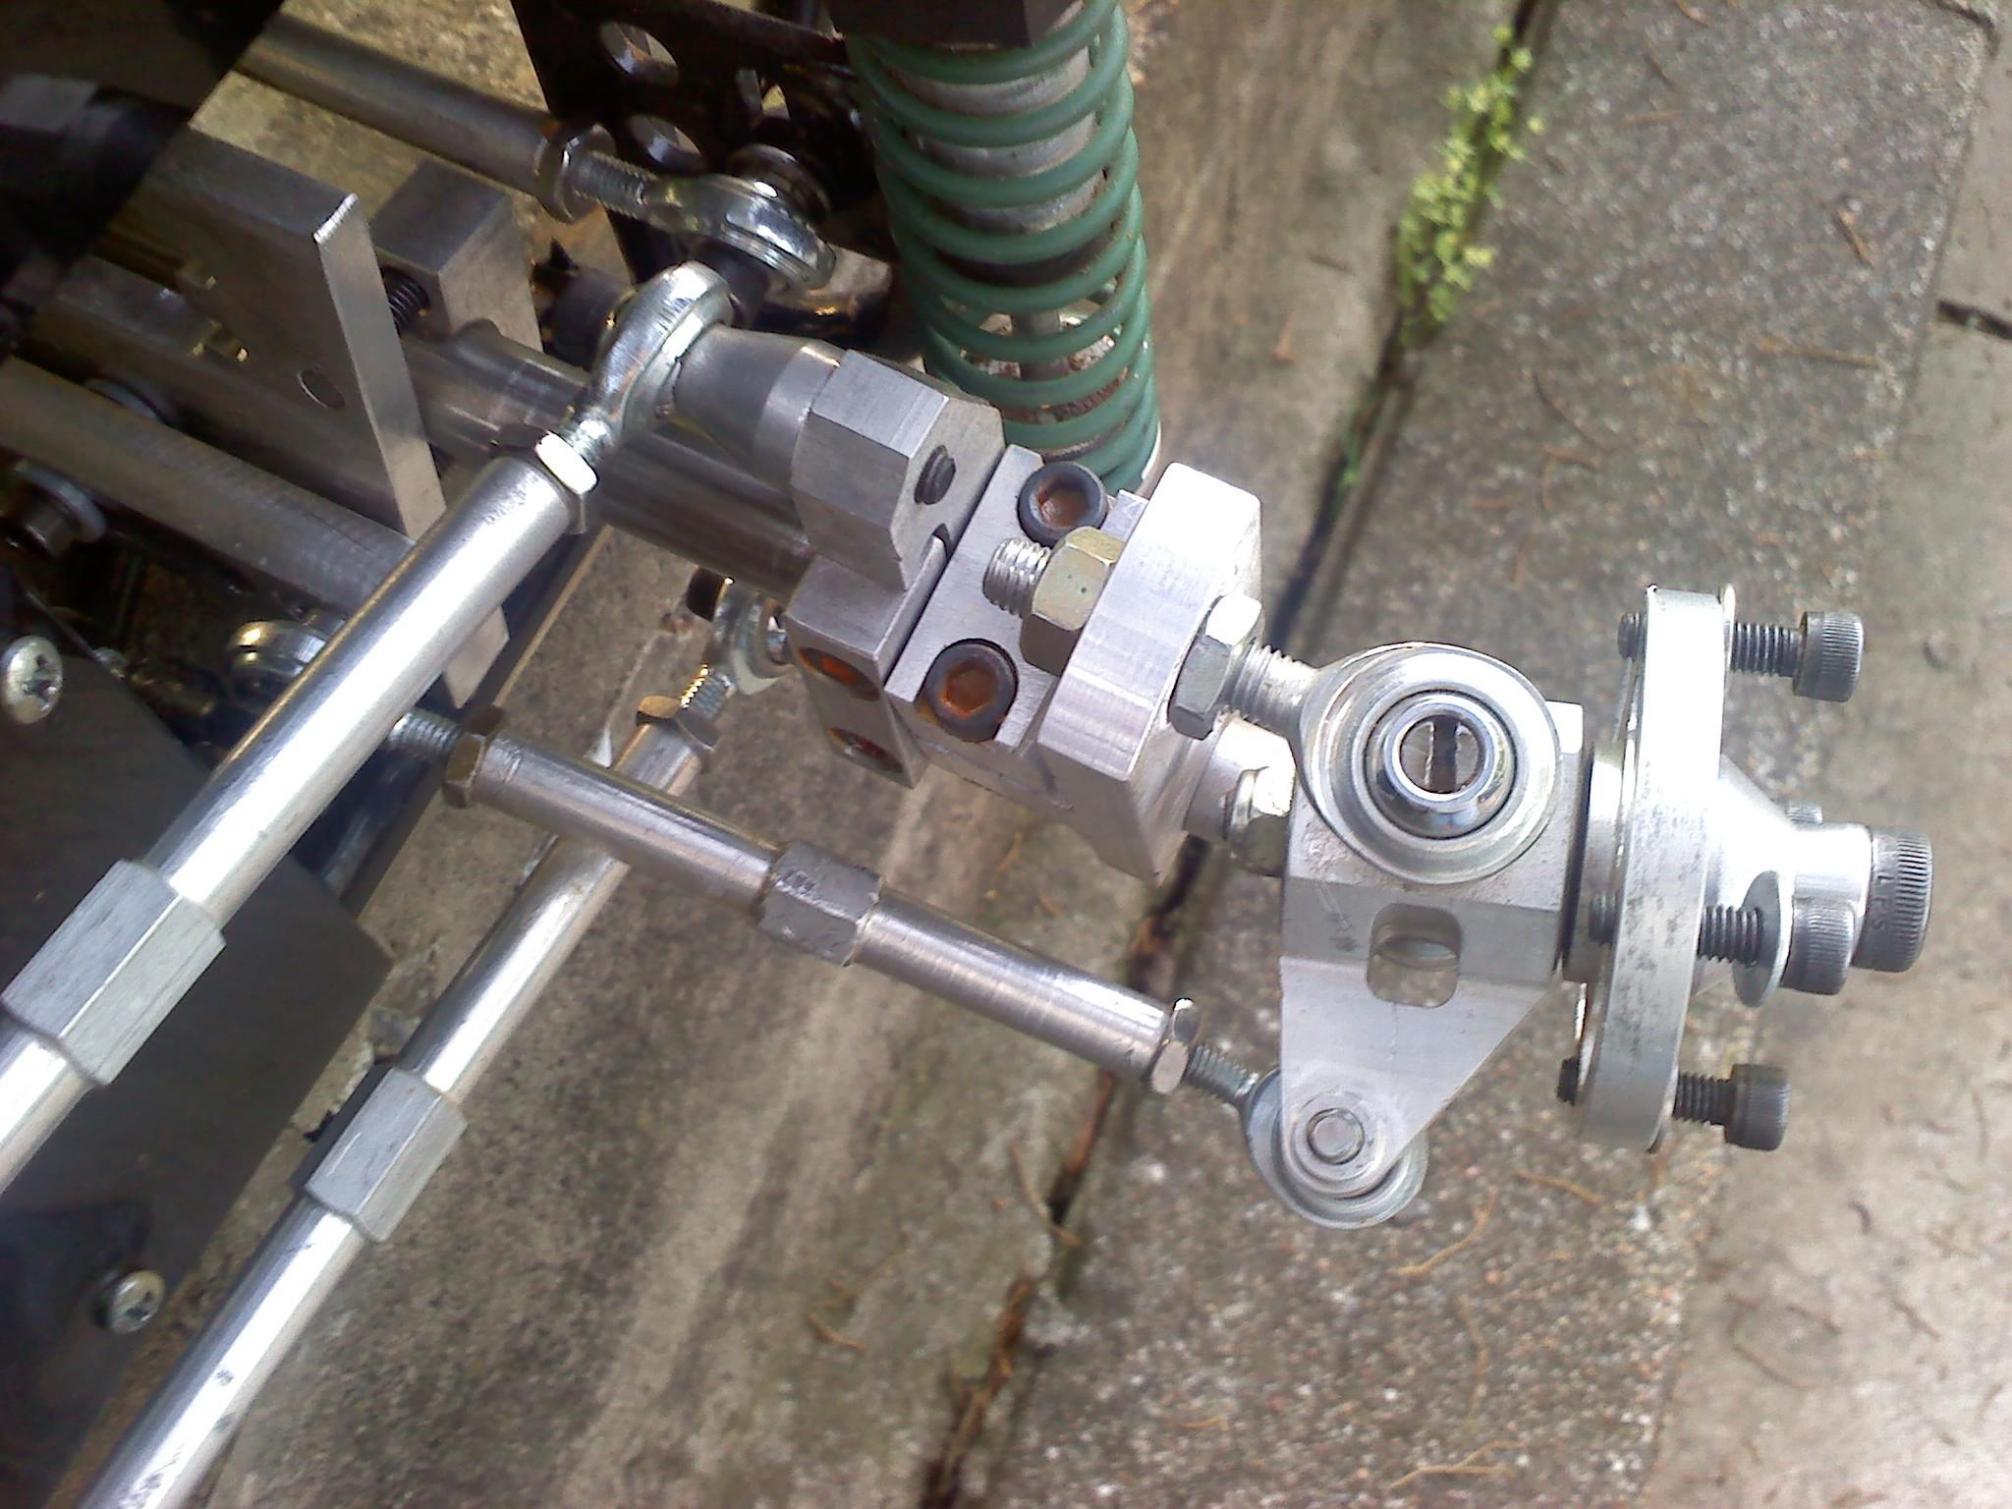 Quarter Scale Rc Car Parts